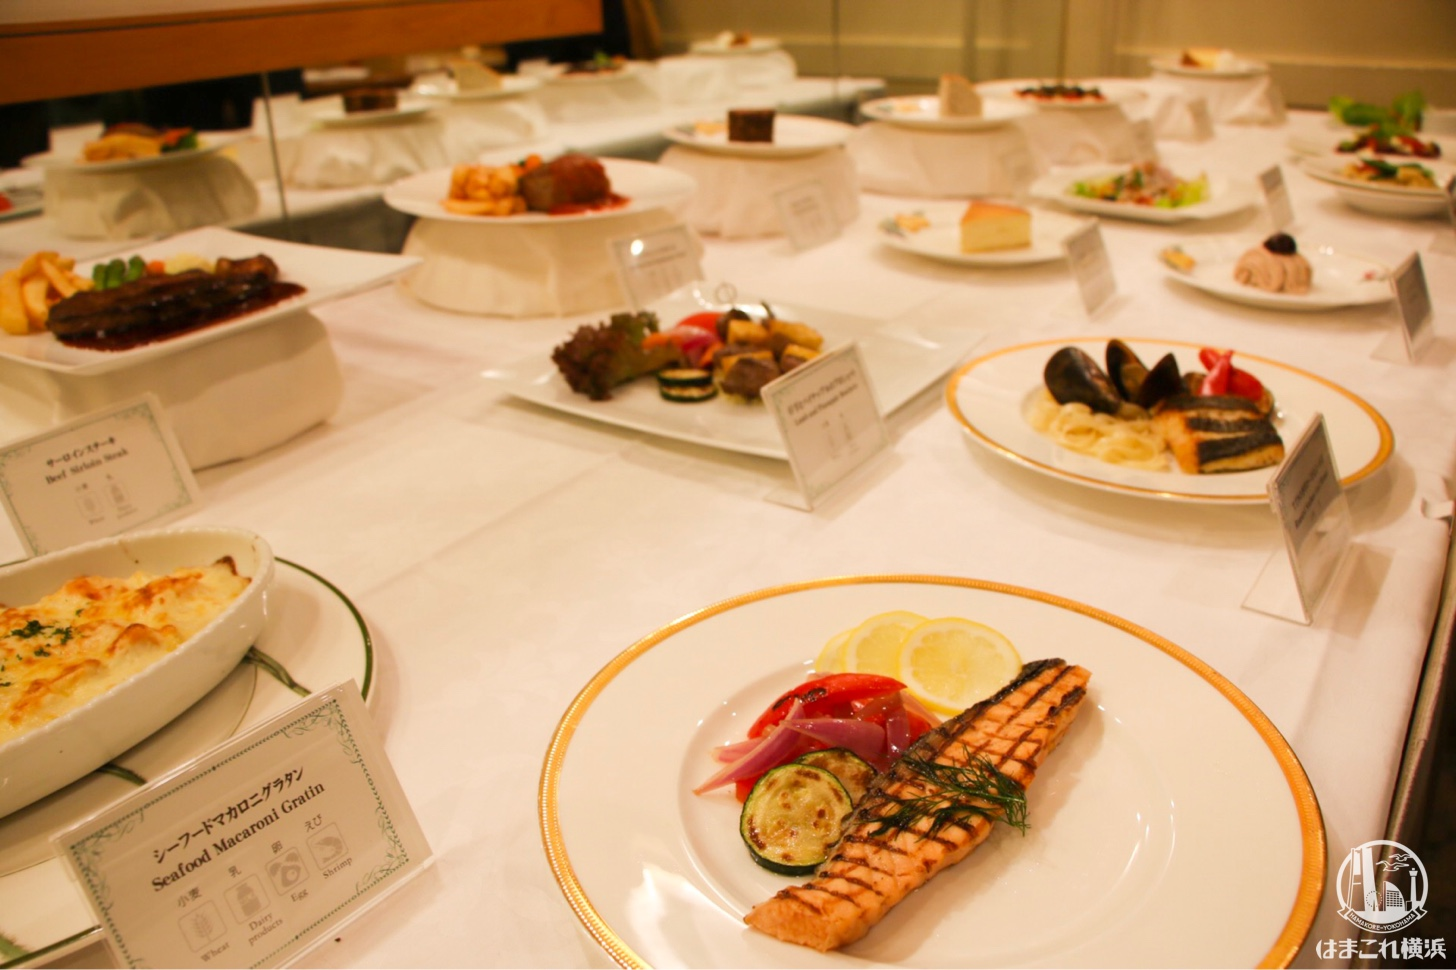 横浜ロイヤルパークホテル、神奈川初のハラール認証レストランへ!提供メニューについて